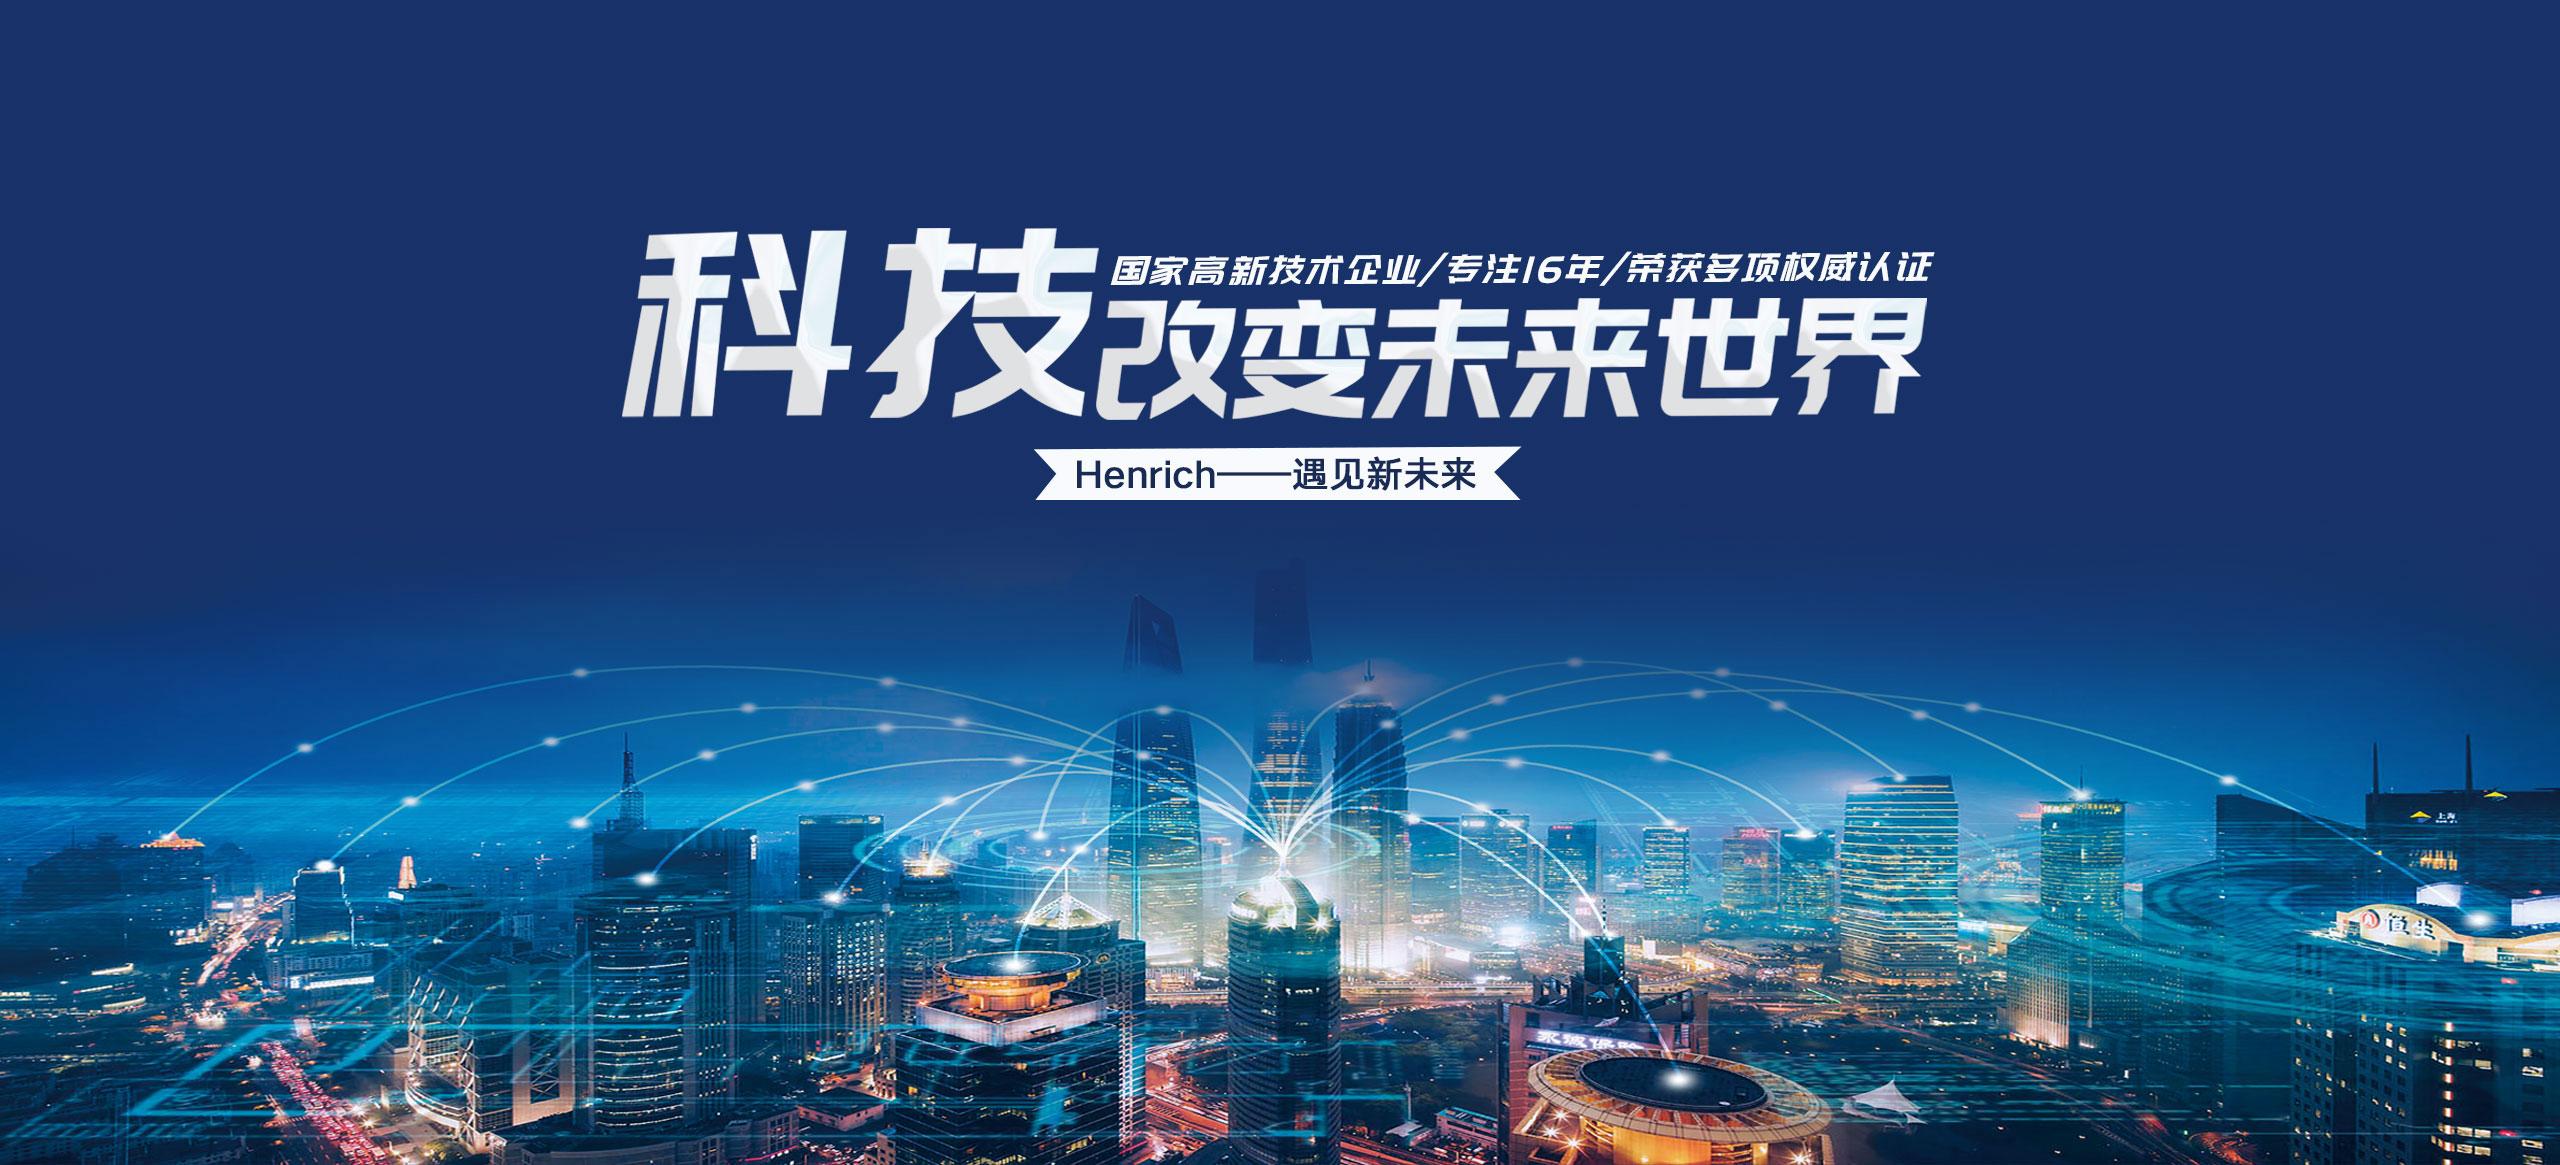 恆啟電(dian)子(zi)科技改(gai)變未來世界